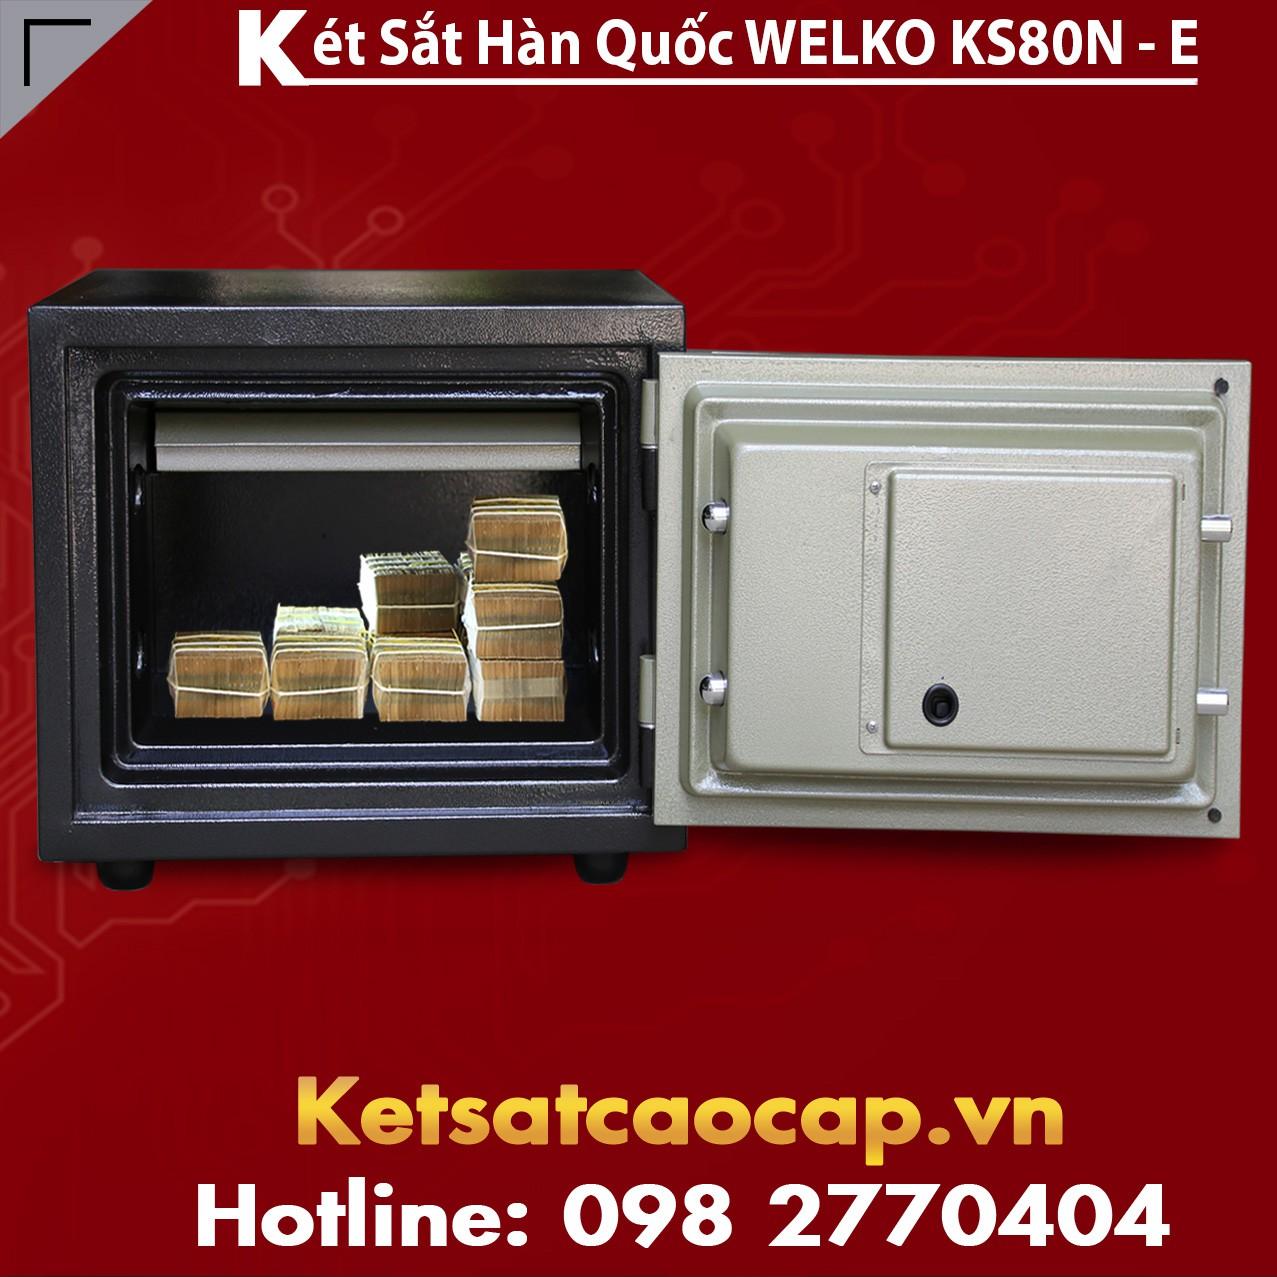 Két Sắt Văn Phòng KS80N - E Gold